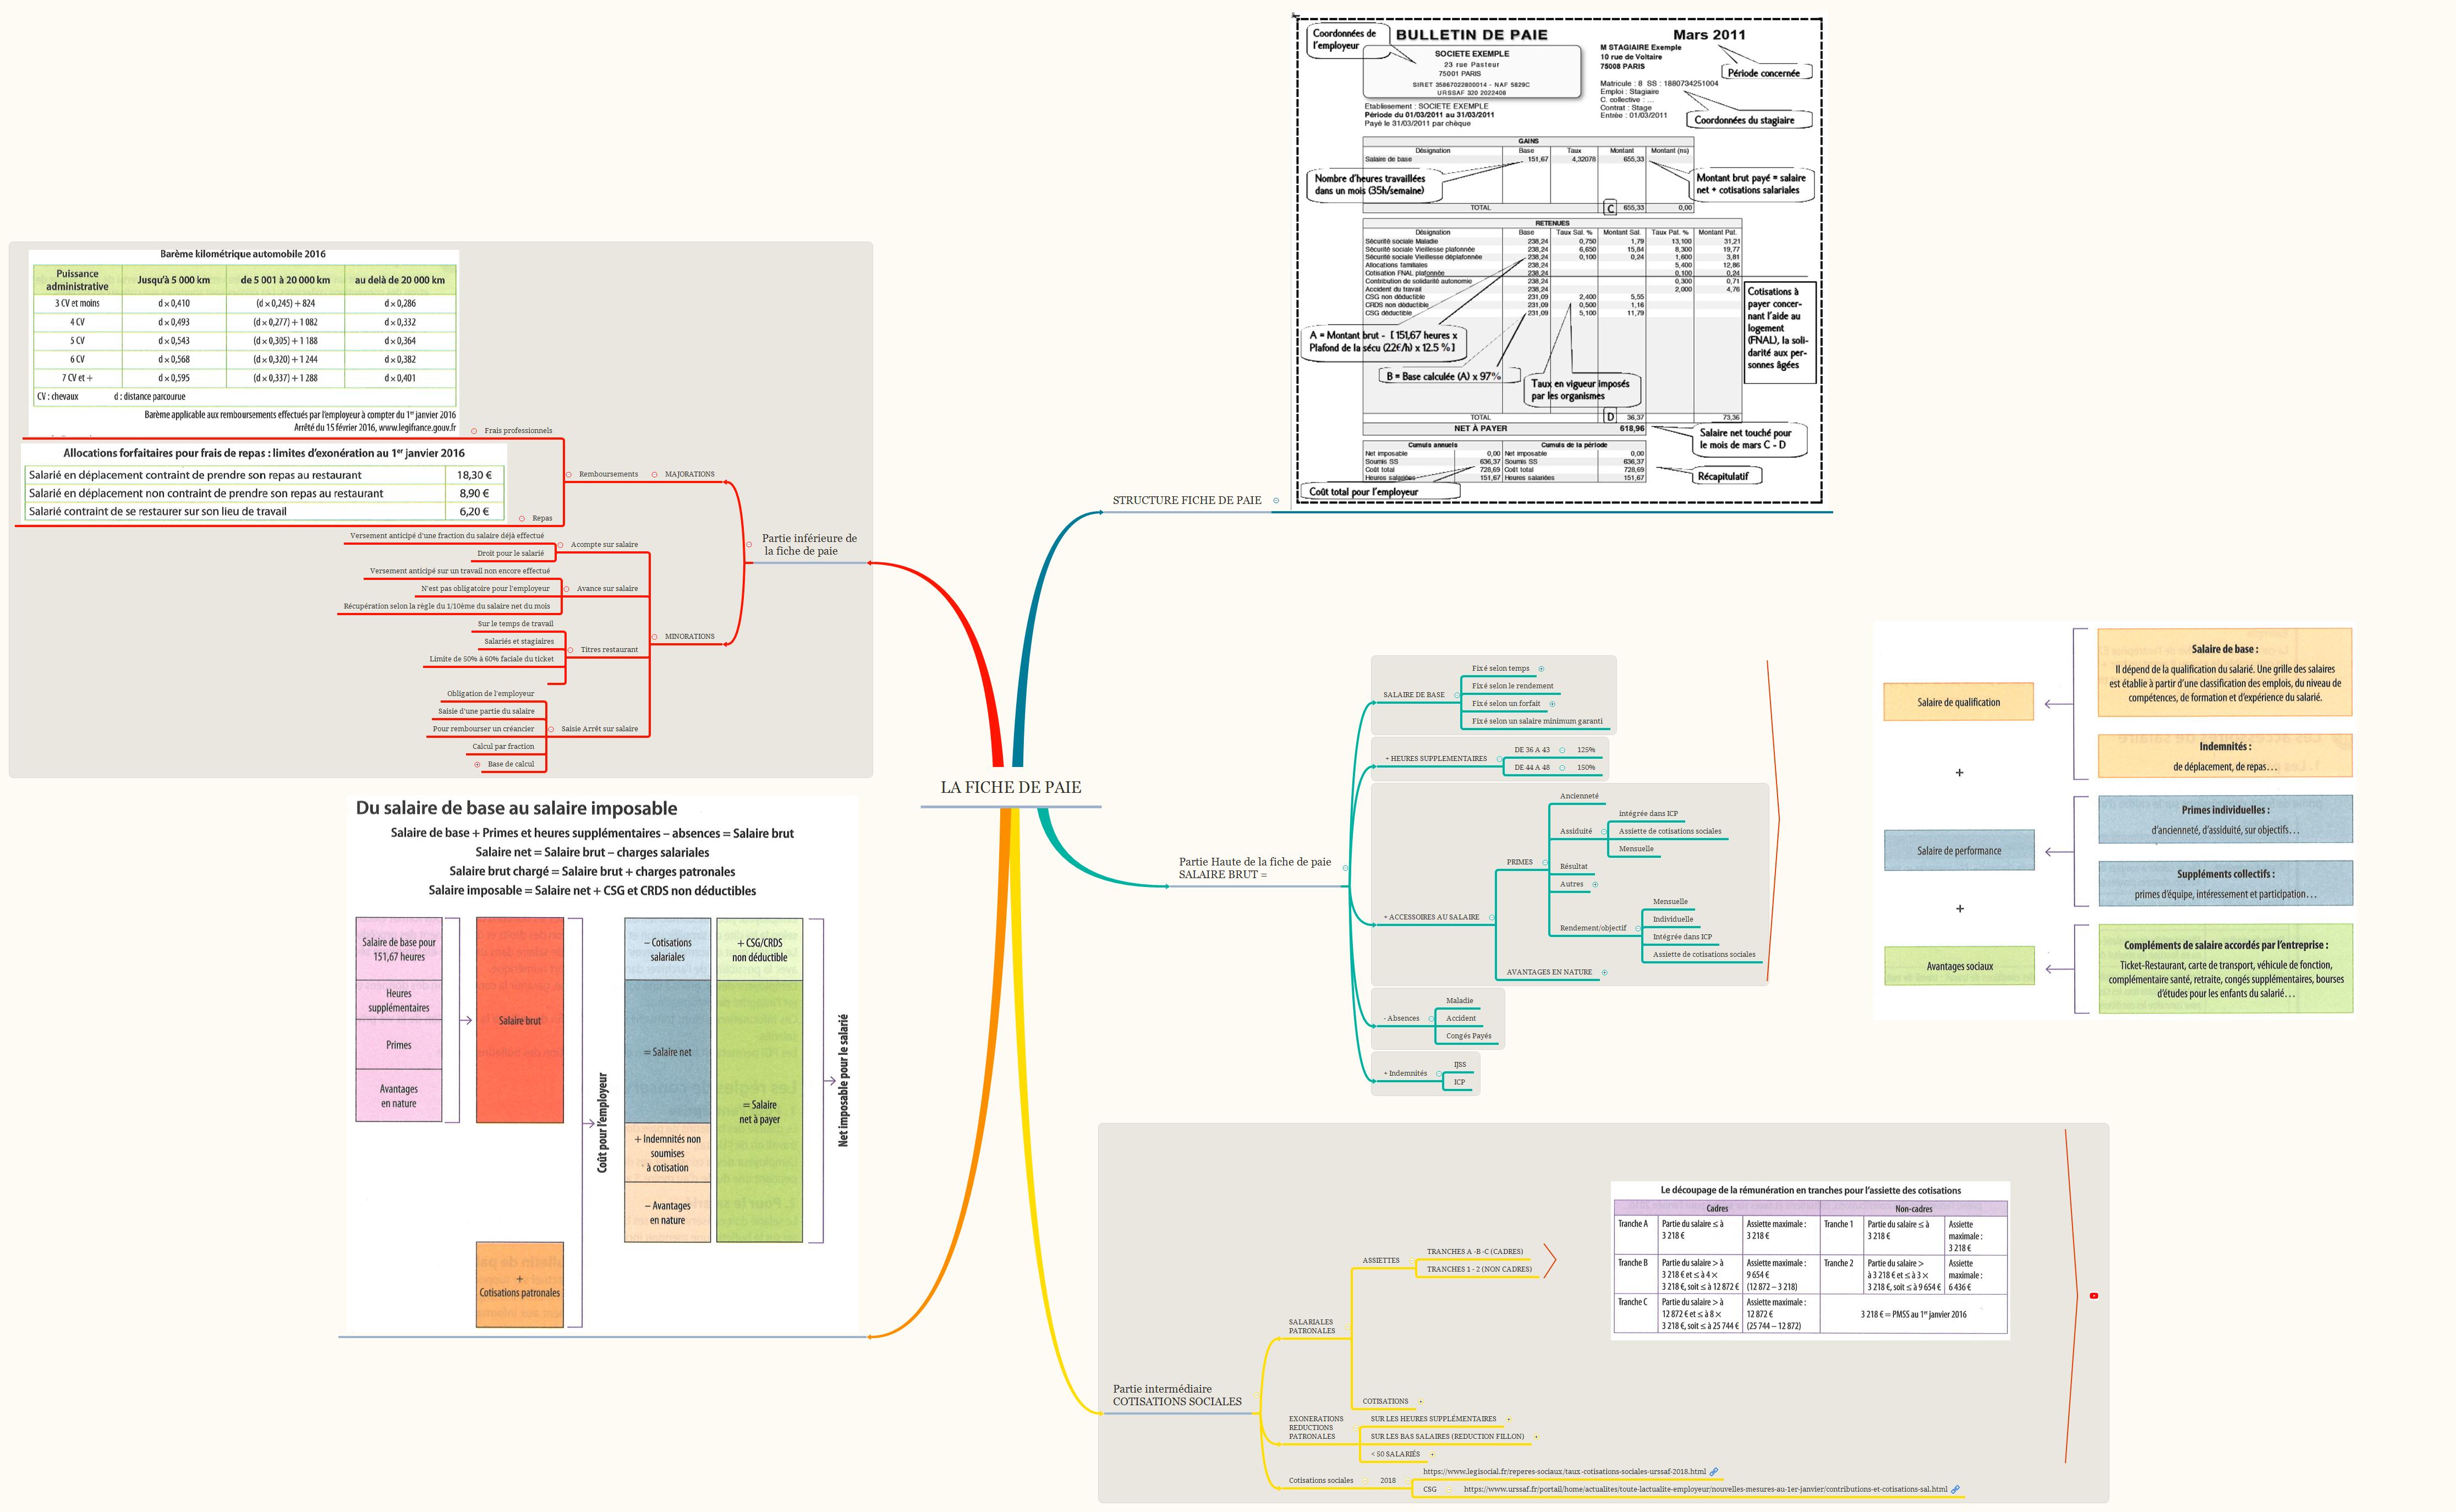 La fiche de paie xmind mind mapping software - Plafond salaire imposable ...